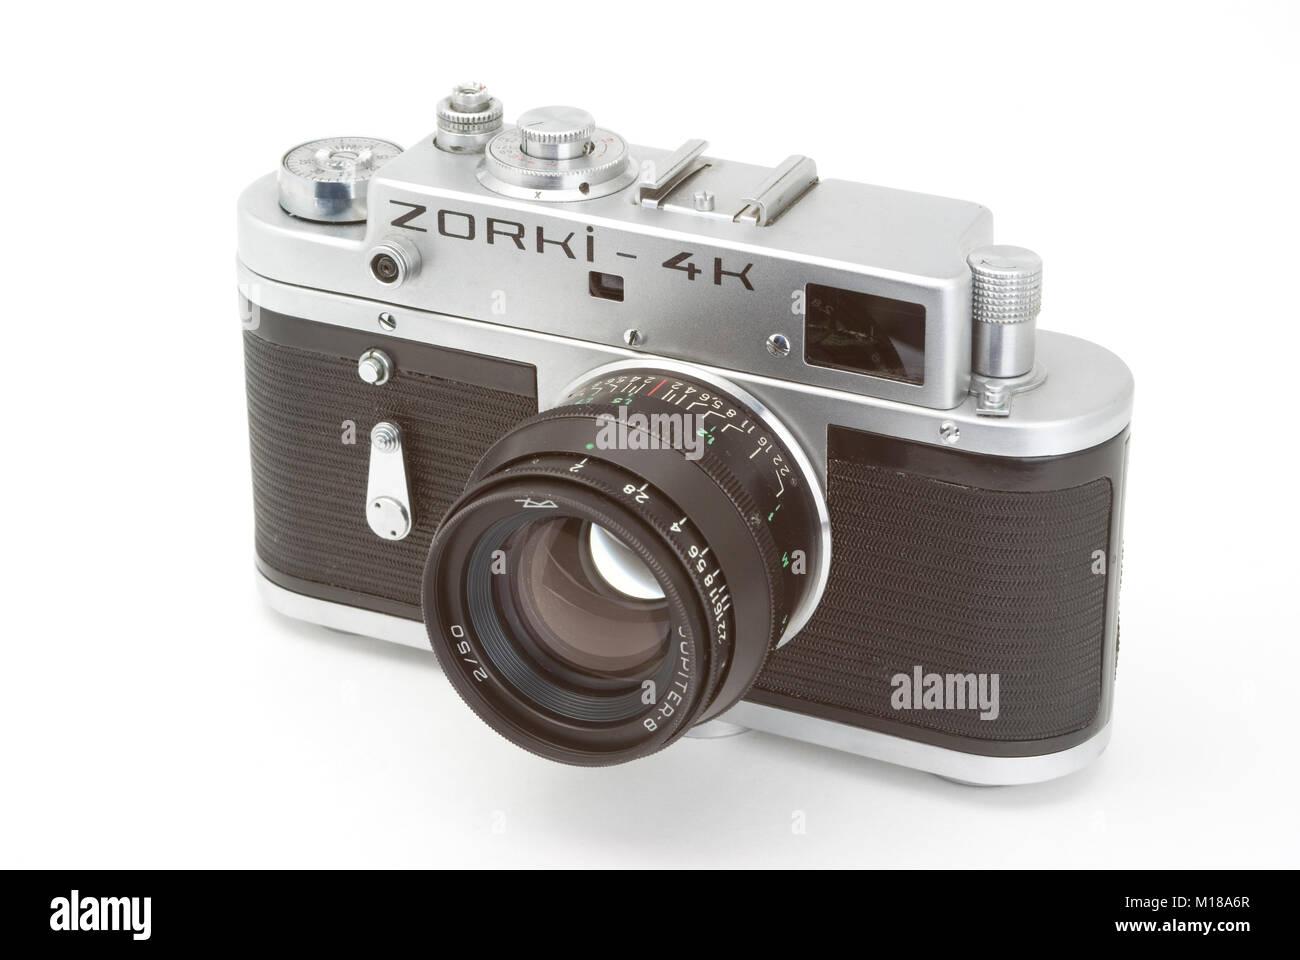 Zorki 4K - Stock Image